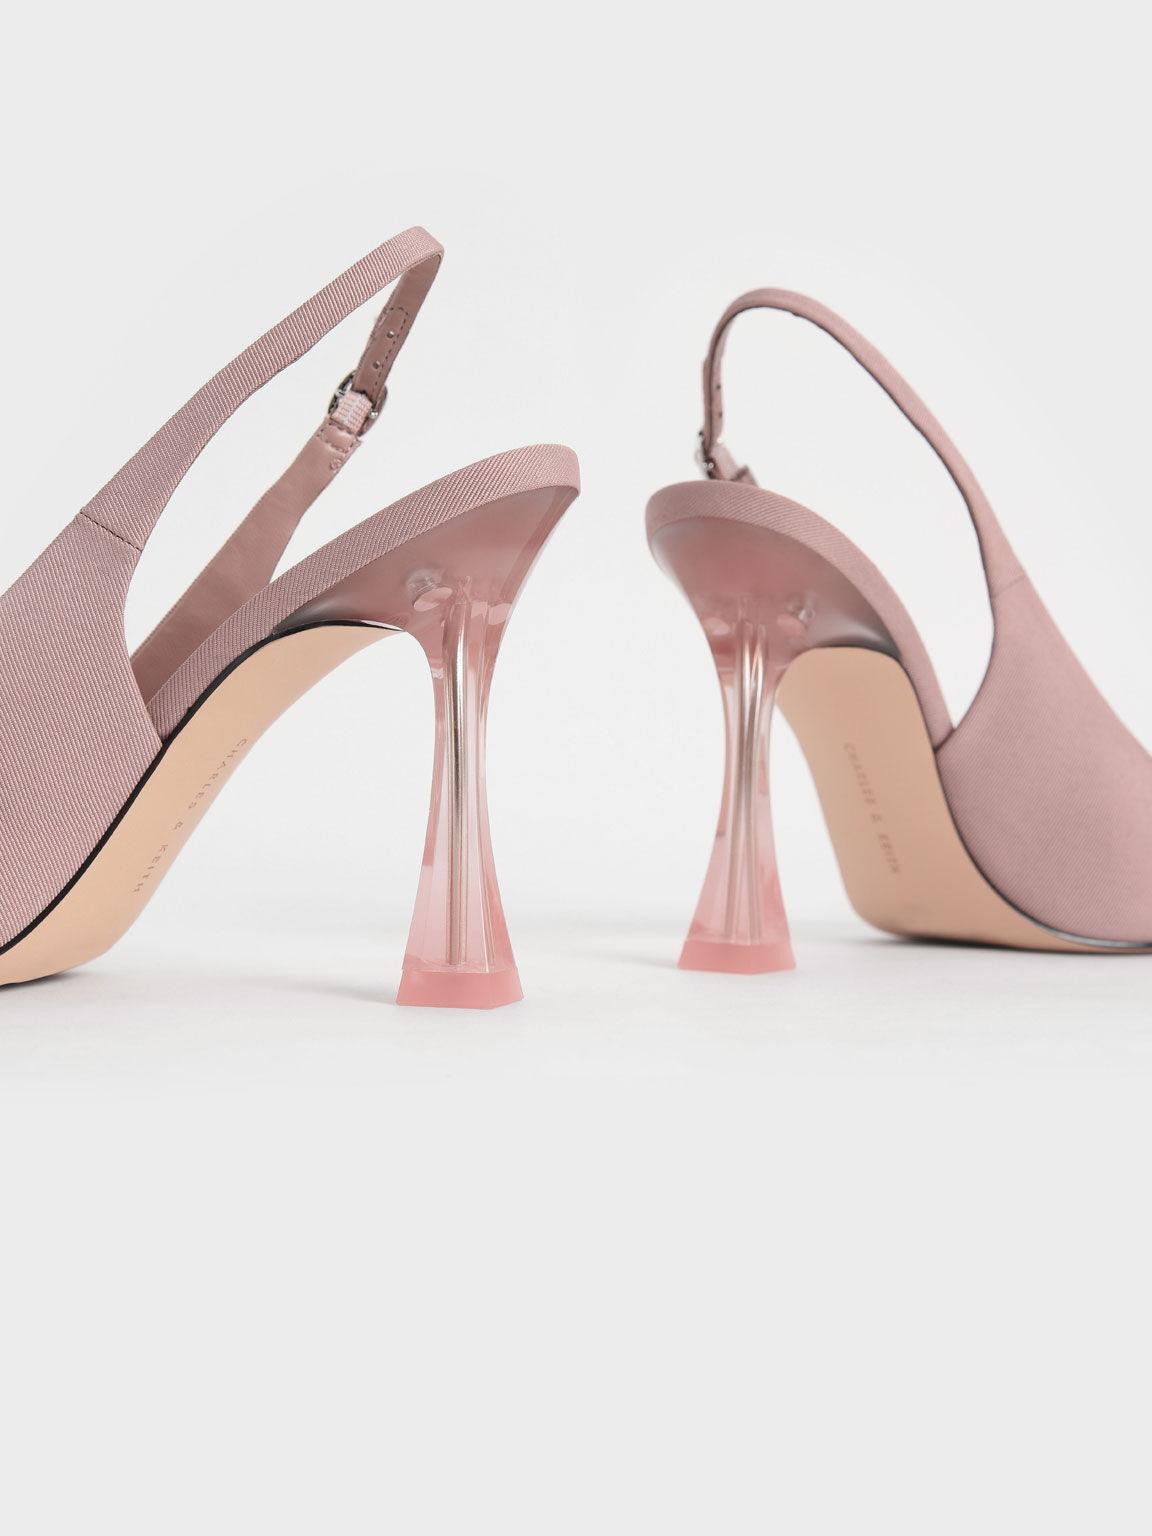 Sepatu Clear Sculptural Heel Slingback Pumps, Nude, hi-res